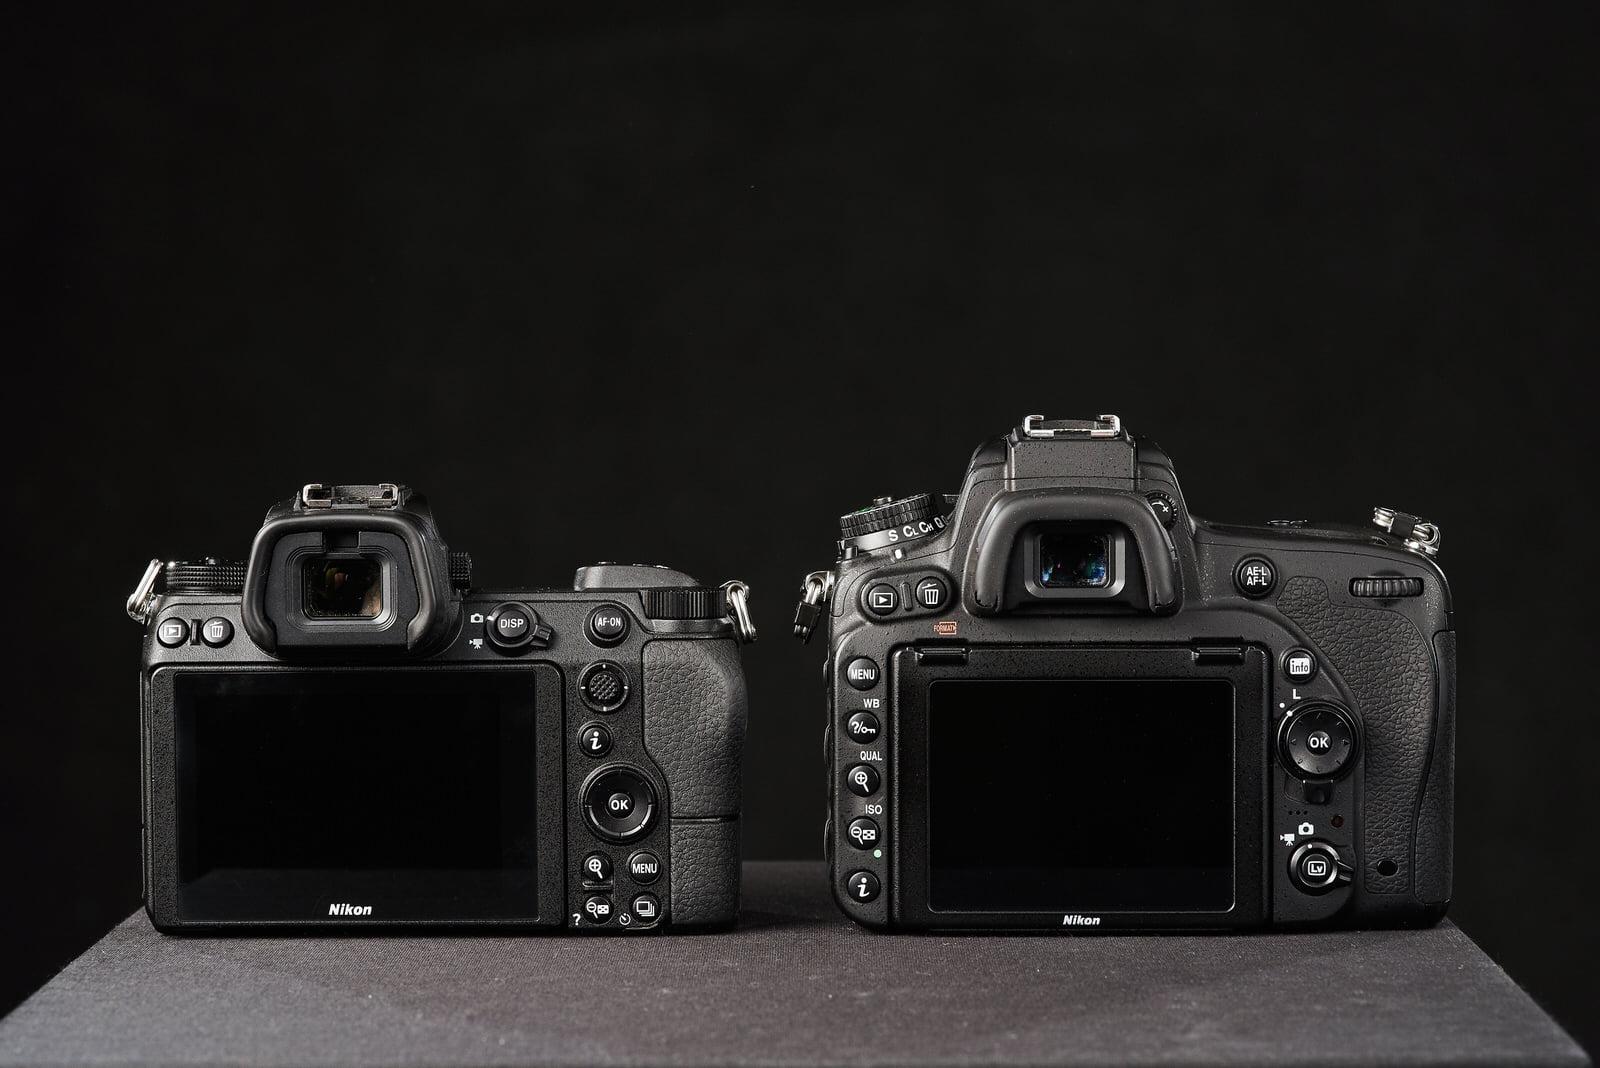 Recenzja Nikon Z6 w fotografii ślubnej | Porównanie do Nikona D750 21